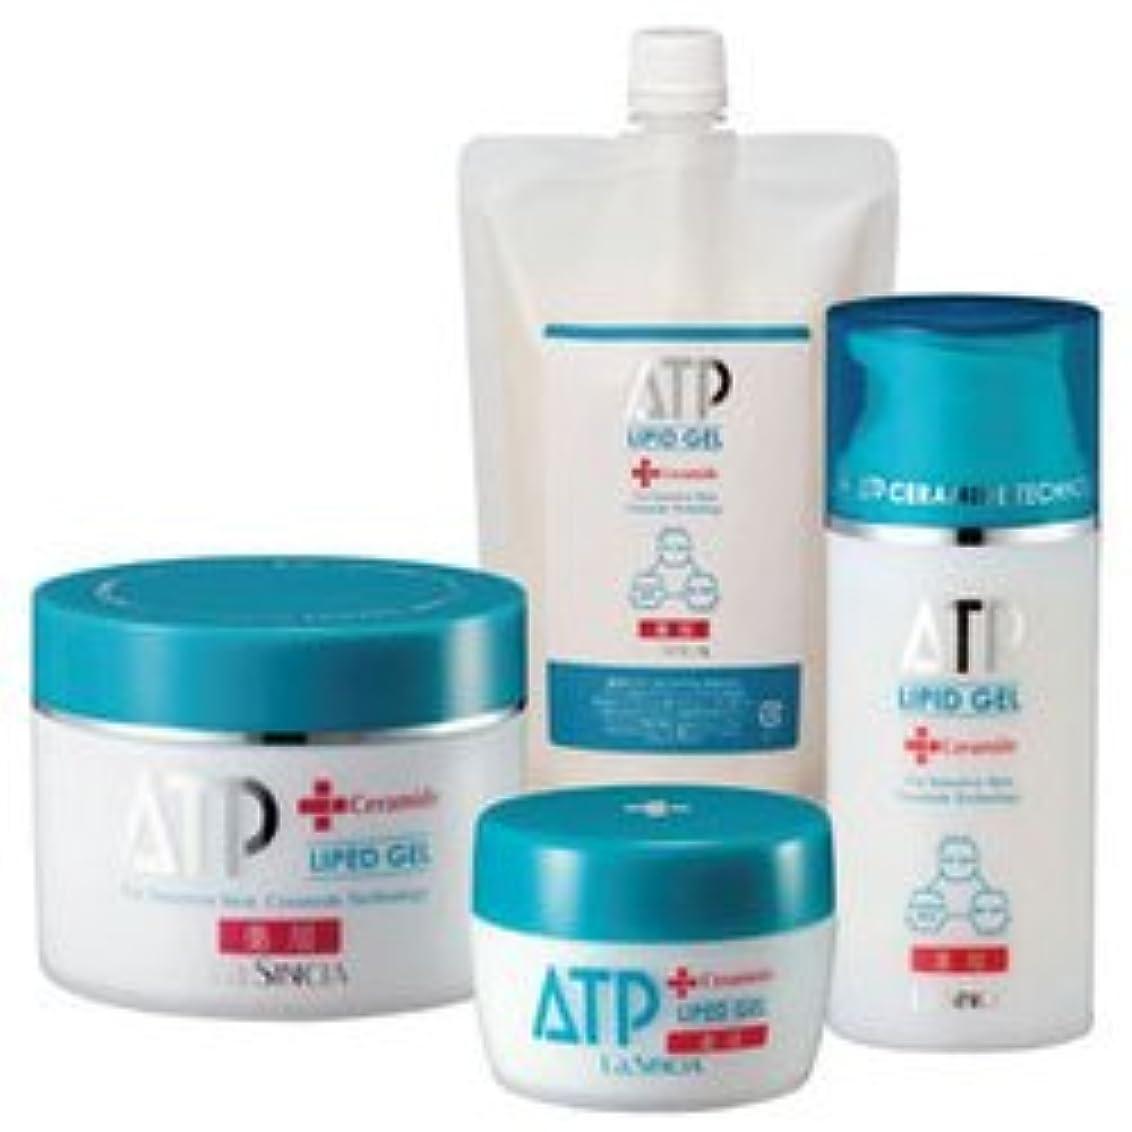 鳴り響く目指す第二にラシンシア 薬用 ATP リピッドゲル 400g 詰替用